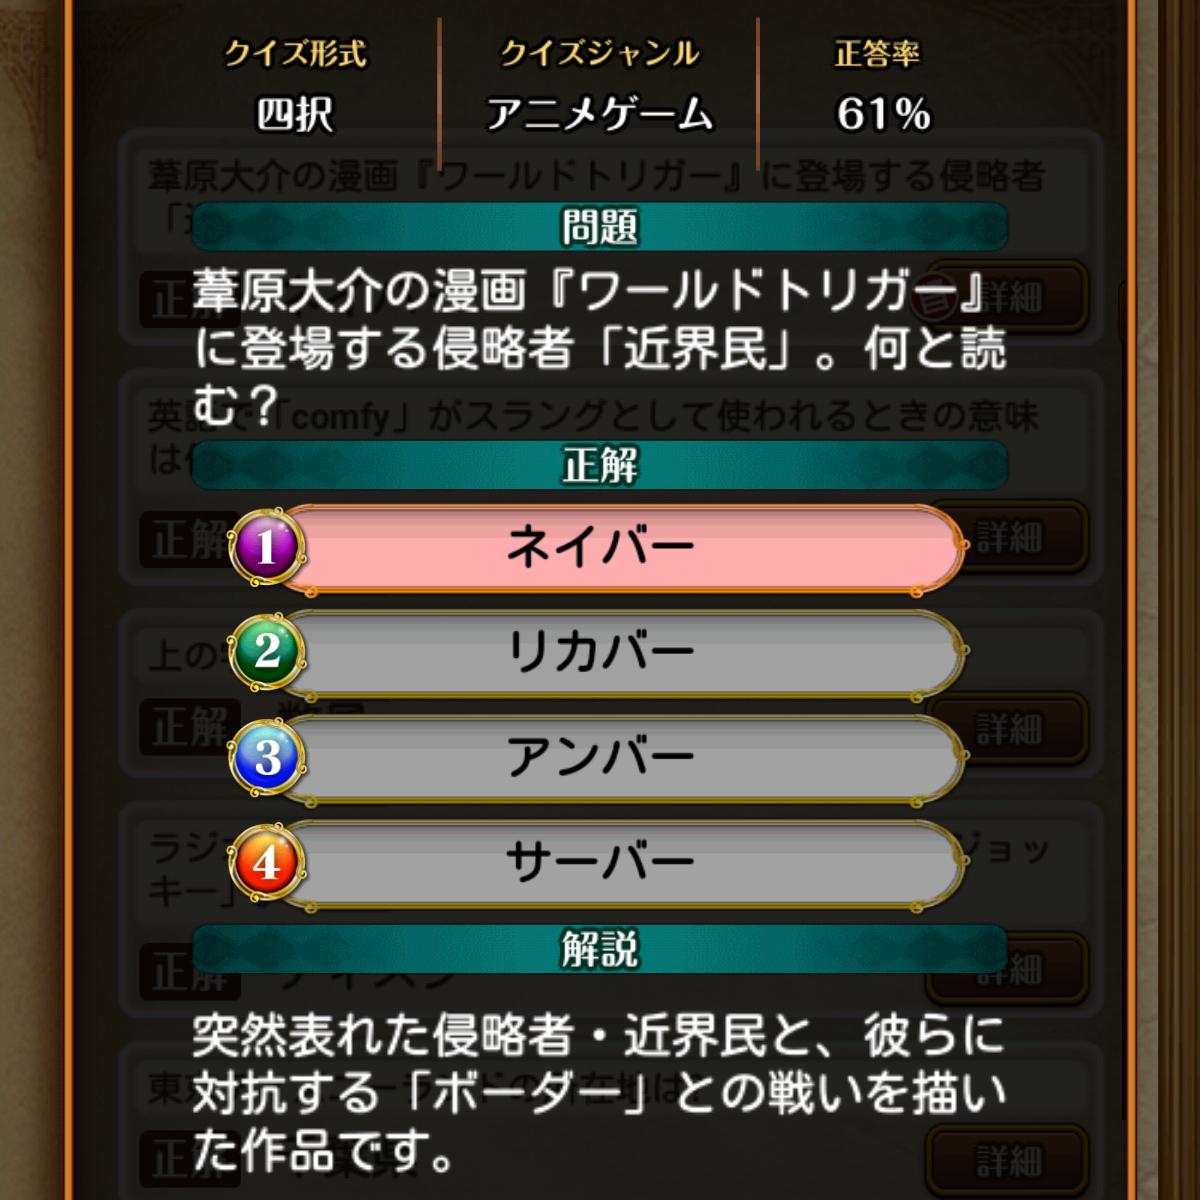 f:id:Tairax:20210719004208p:plain